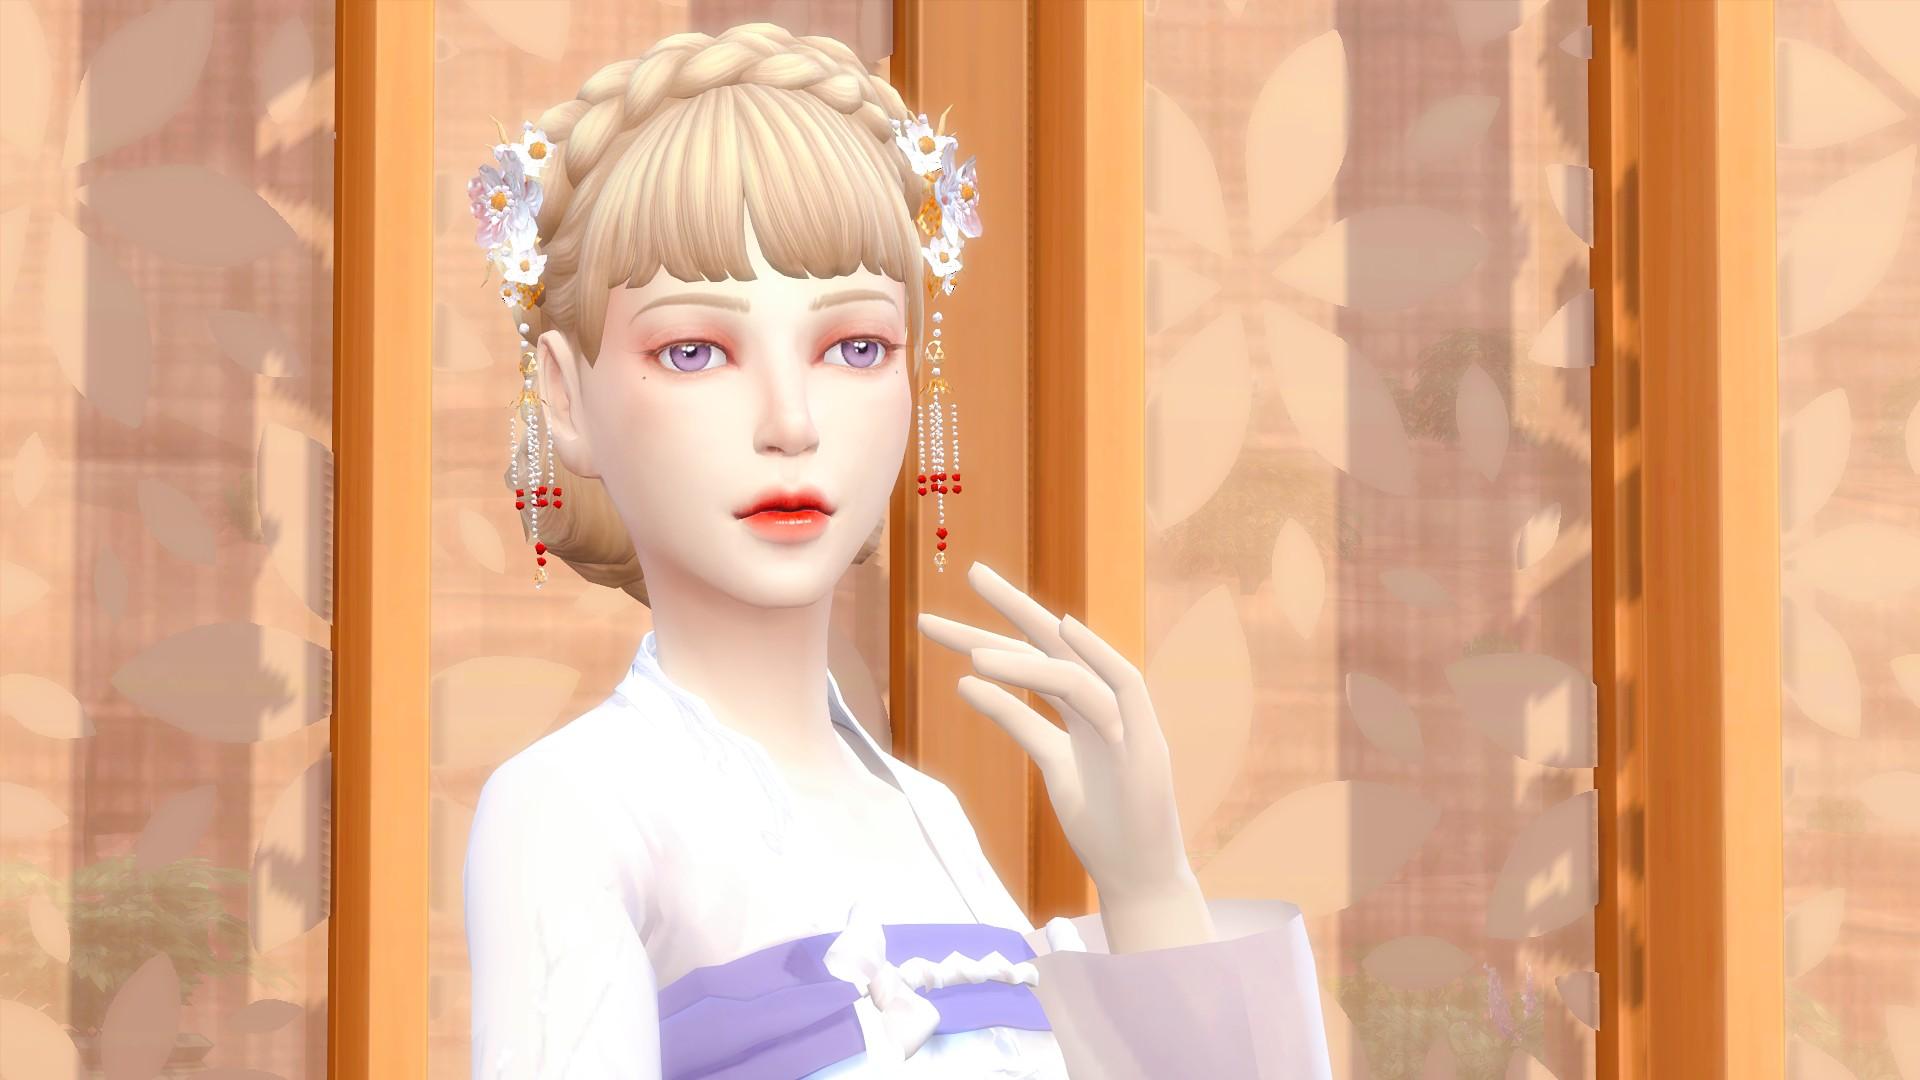 Sims 4 Screenshot 2021.02.18 - 20.00.26.58.png